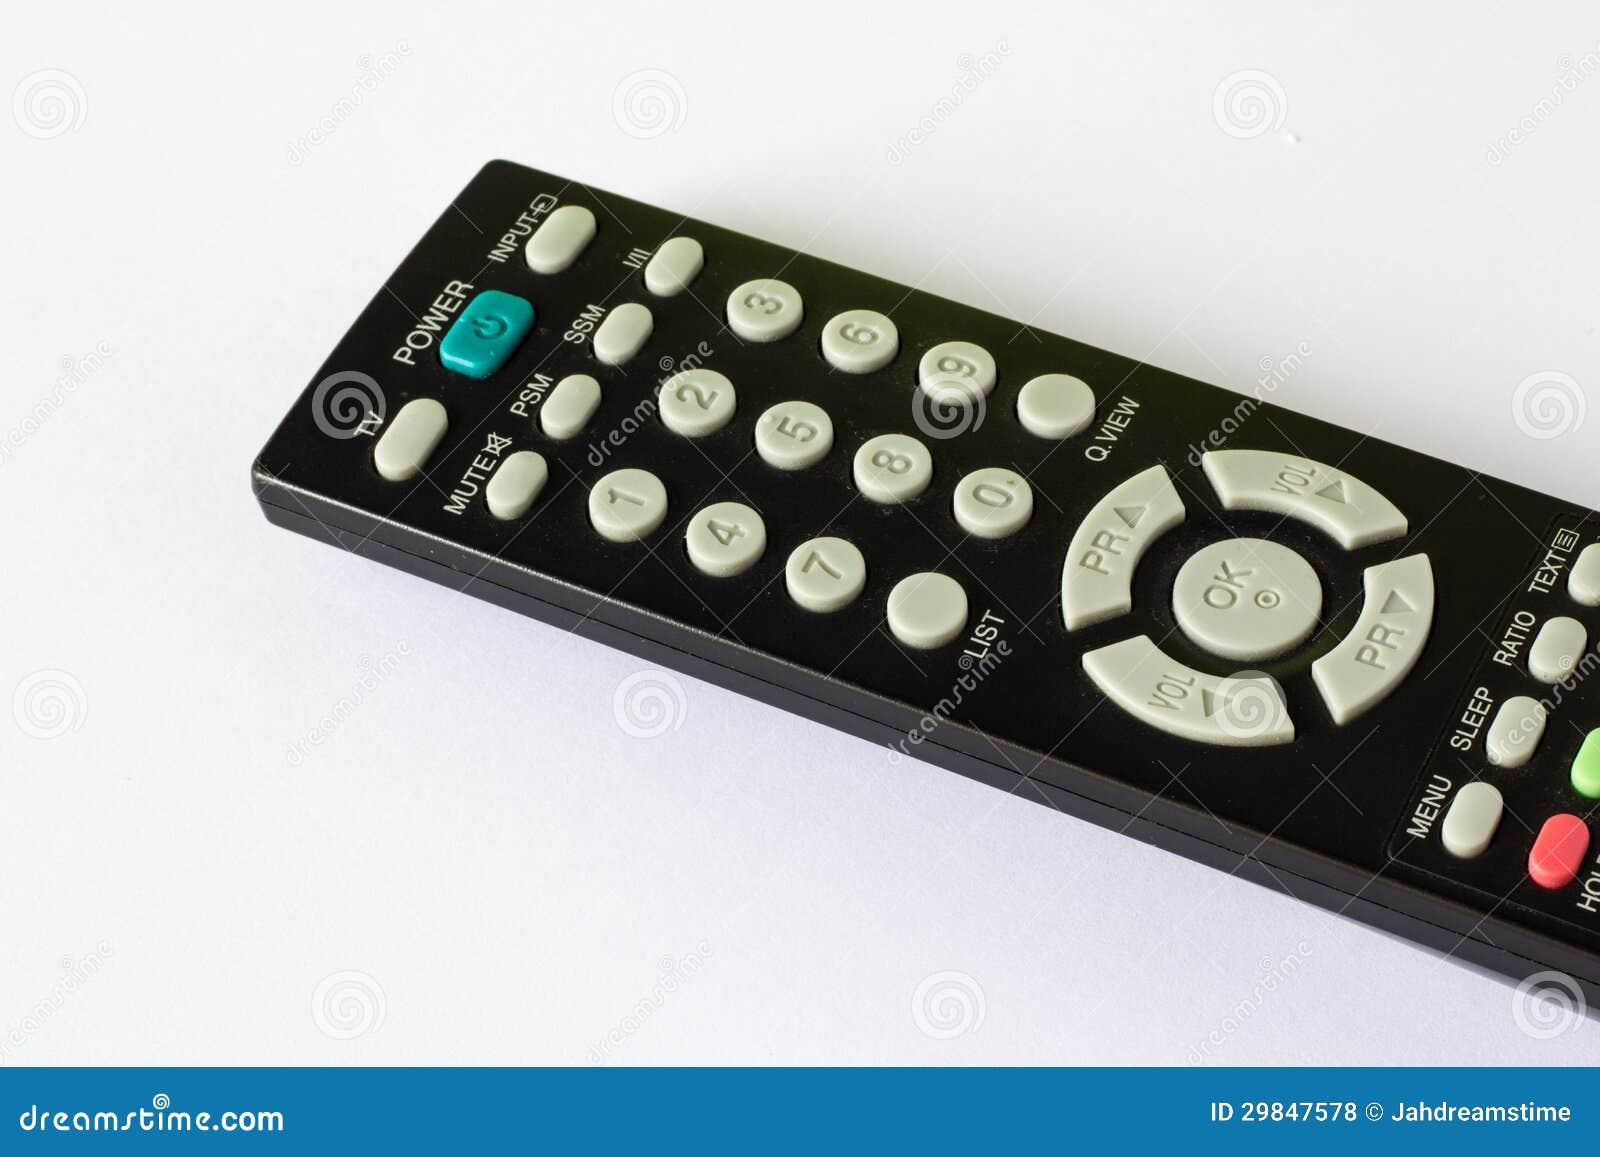 Televisão de controle remoto